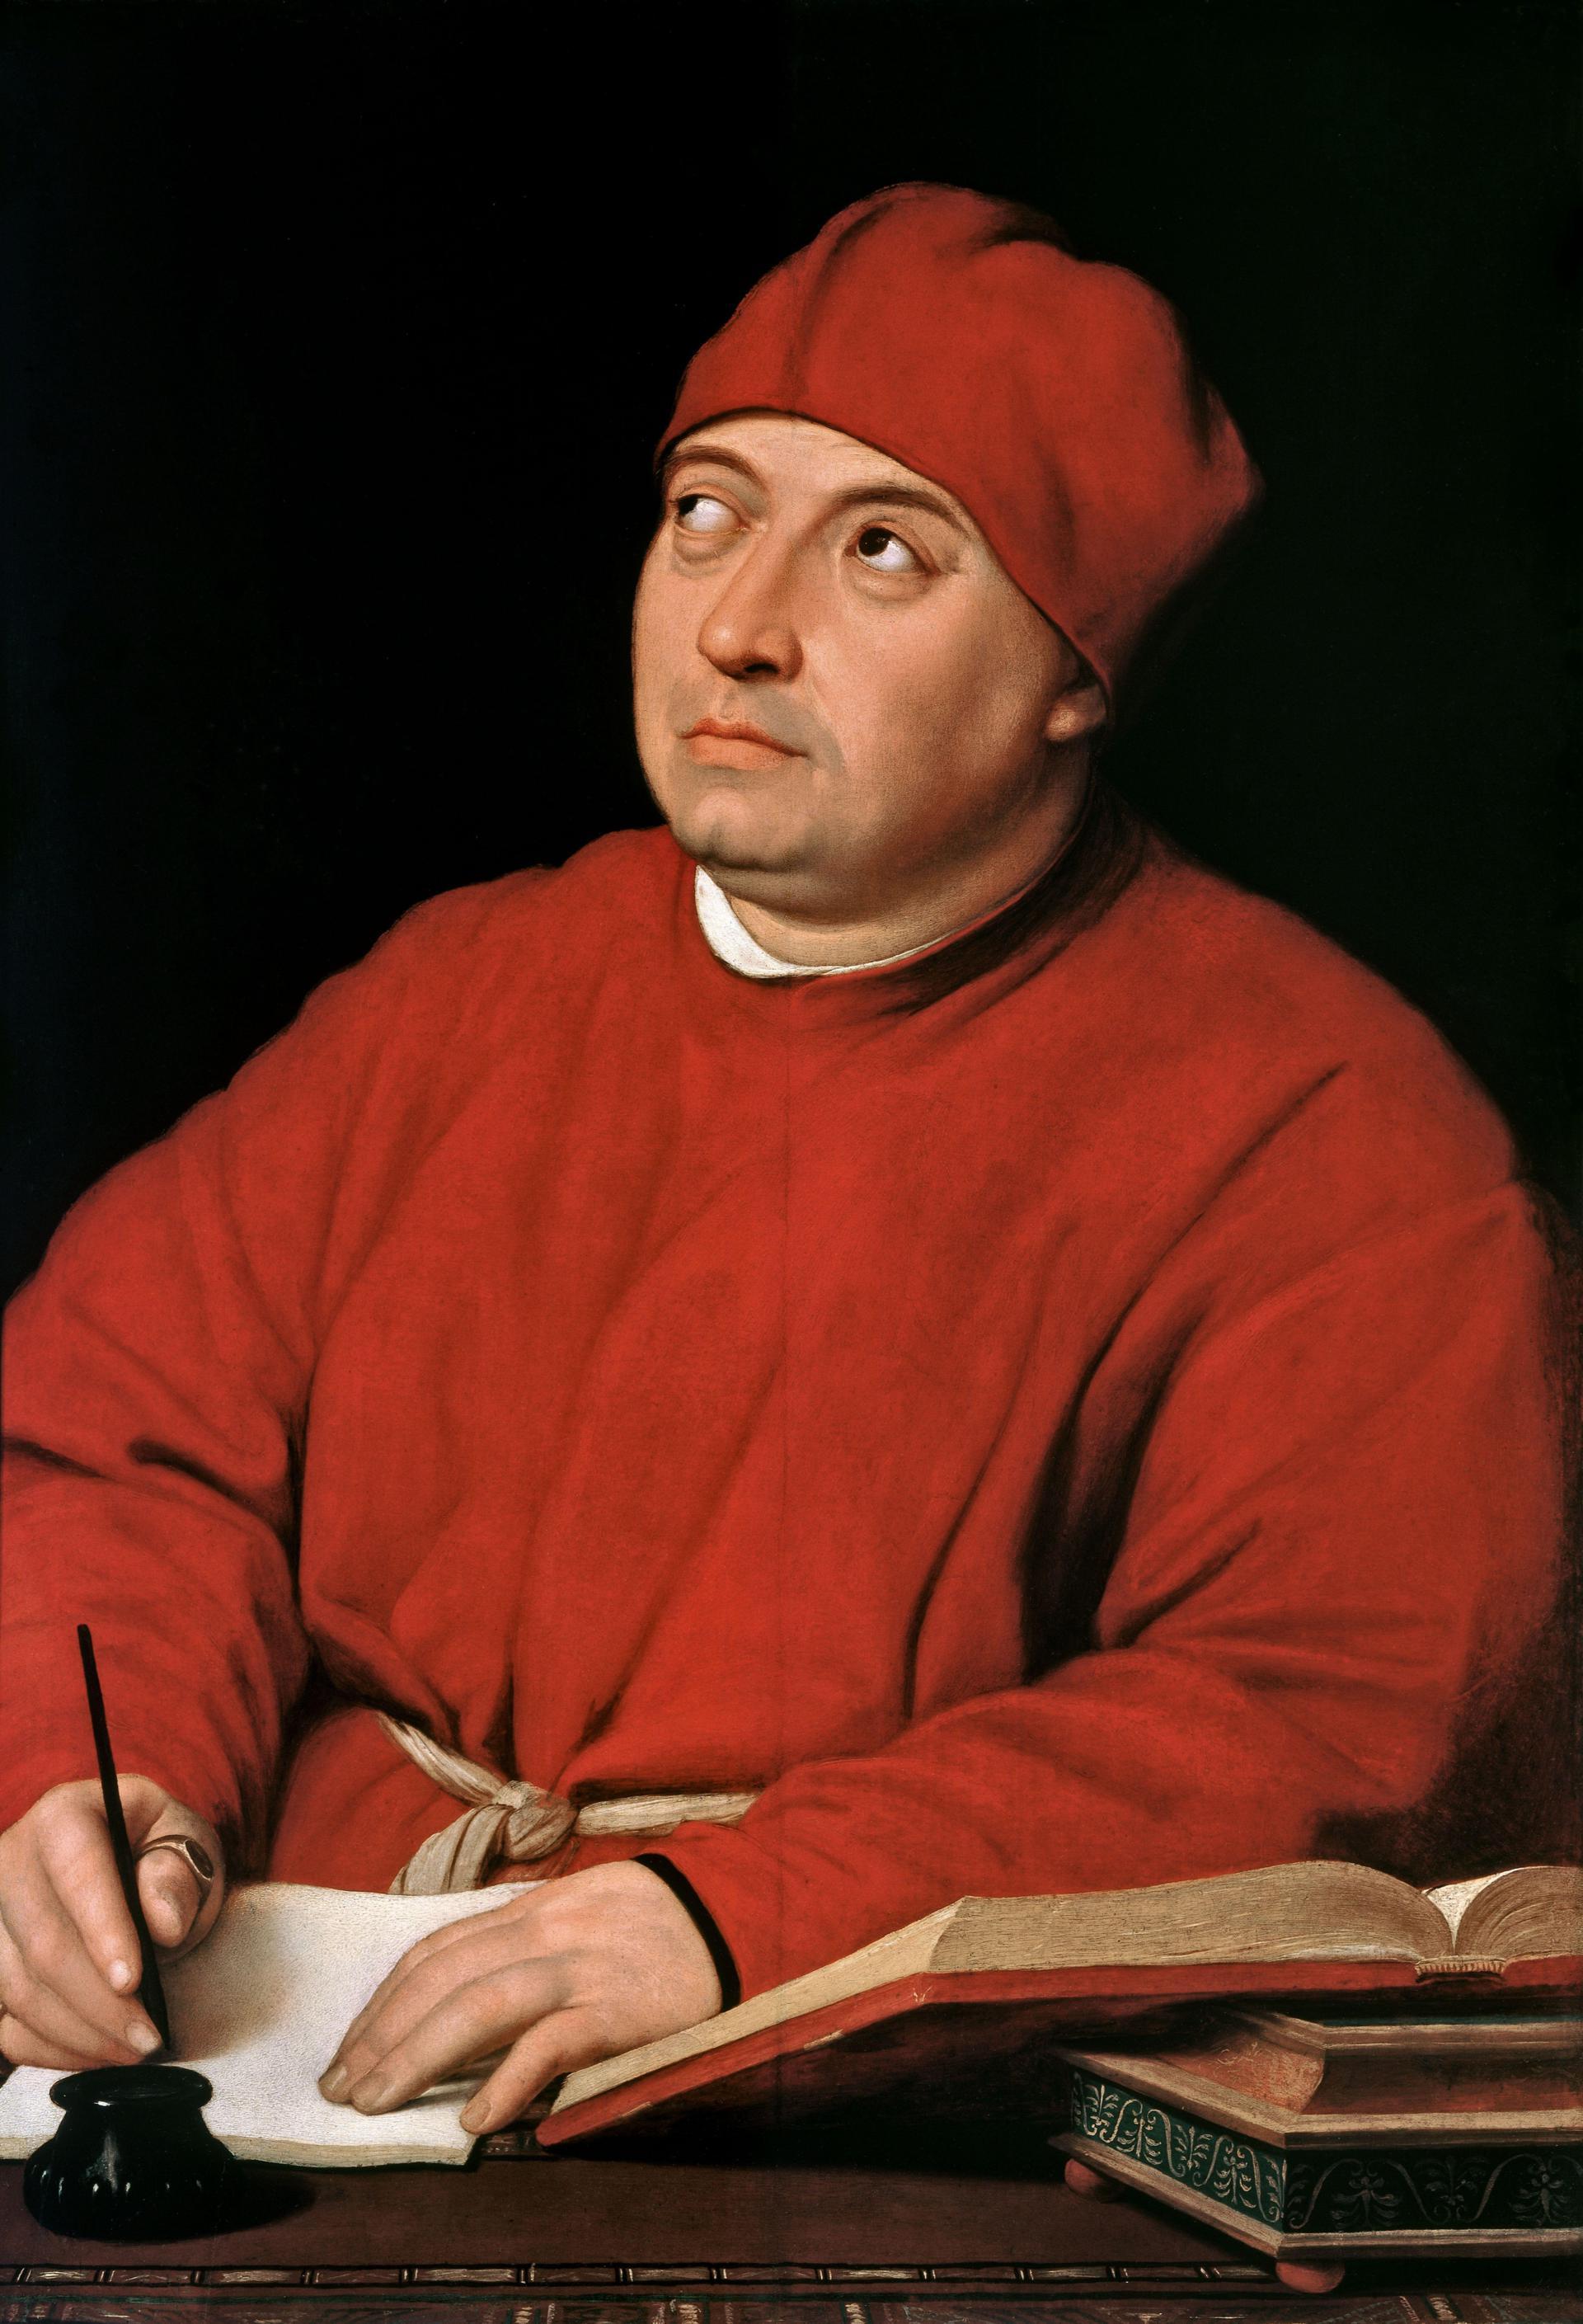 0031_拉斐尔绘画作品集油画专辑TIF-Raffaello-Sanzio-37_3901x5726PX_TIF_72DPI_65_0